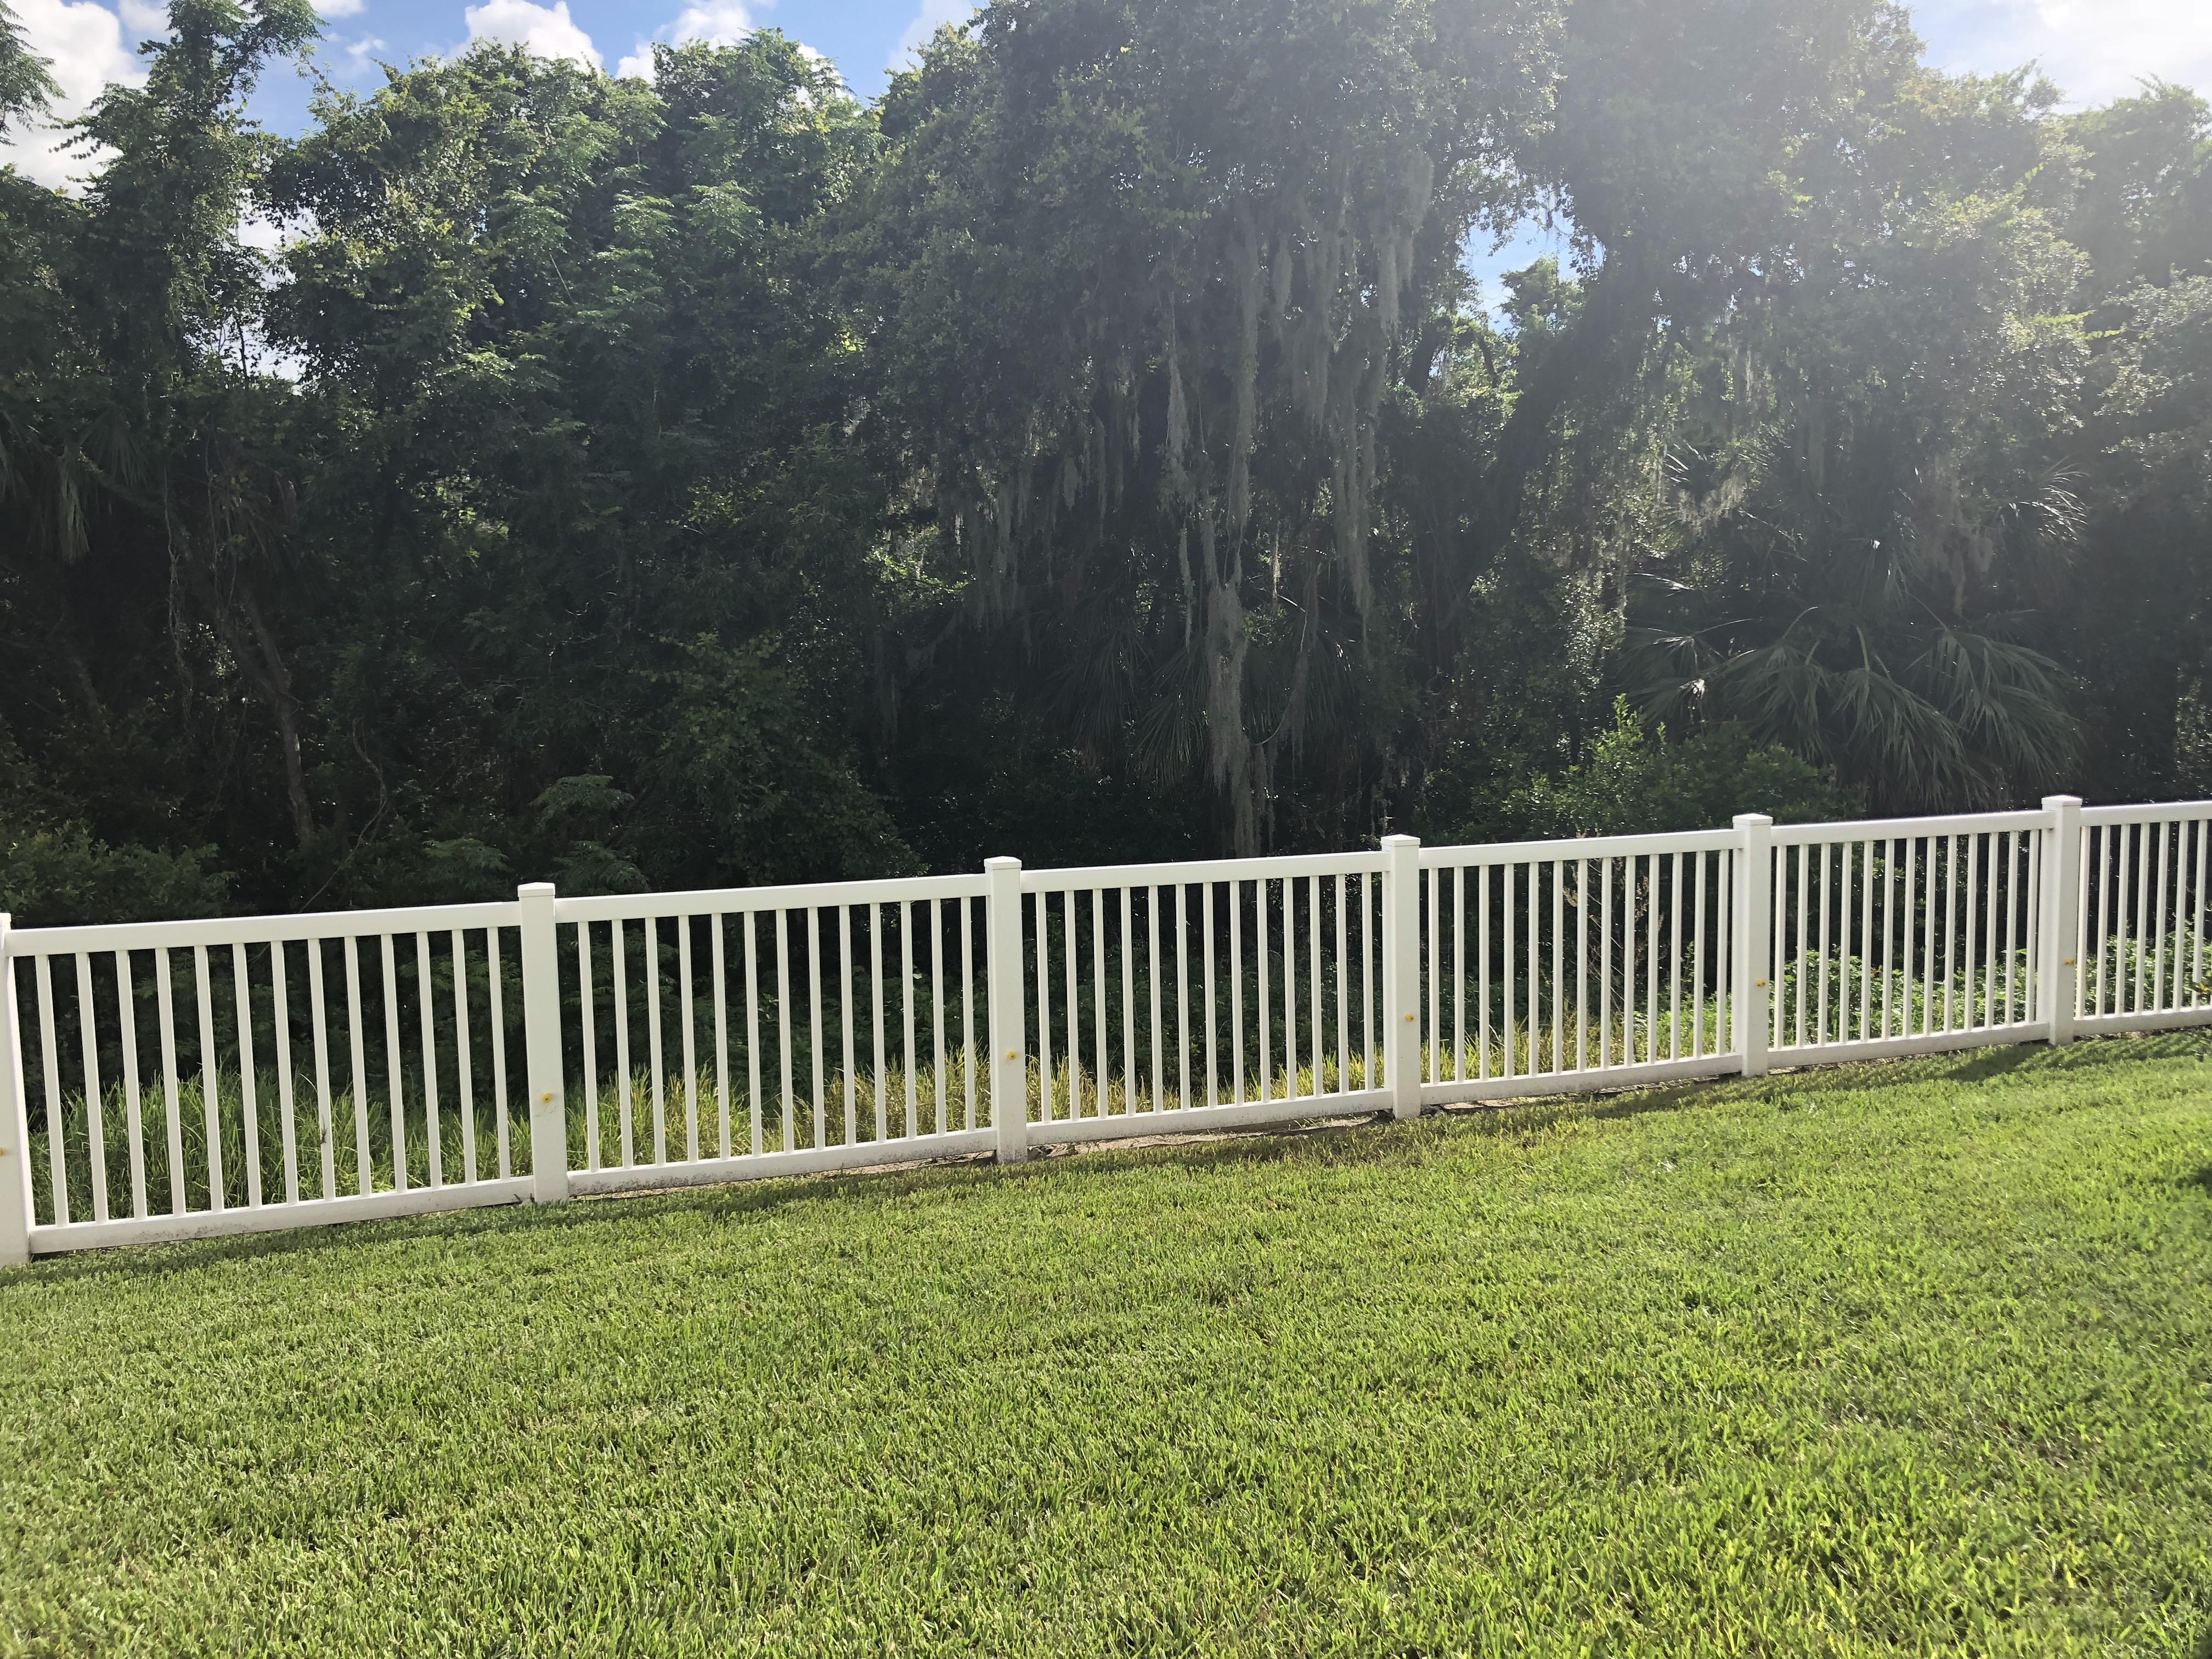 Photo of 4537 River Close Blvd, Valrico, FL, 33596